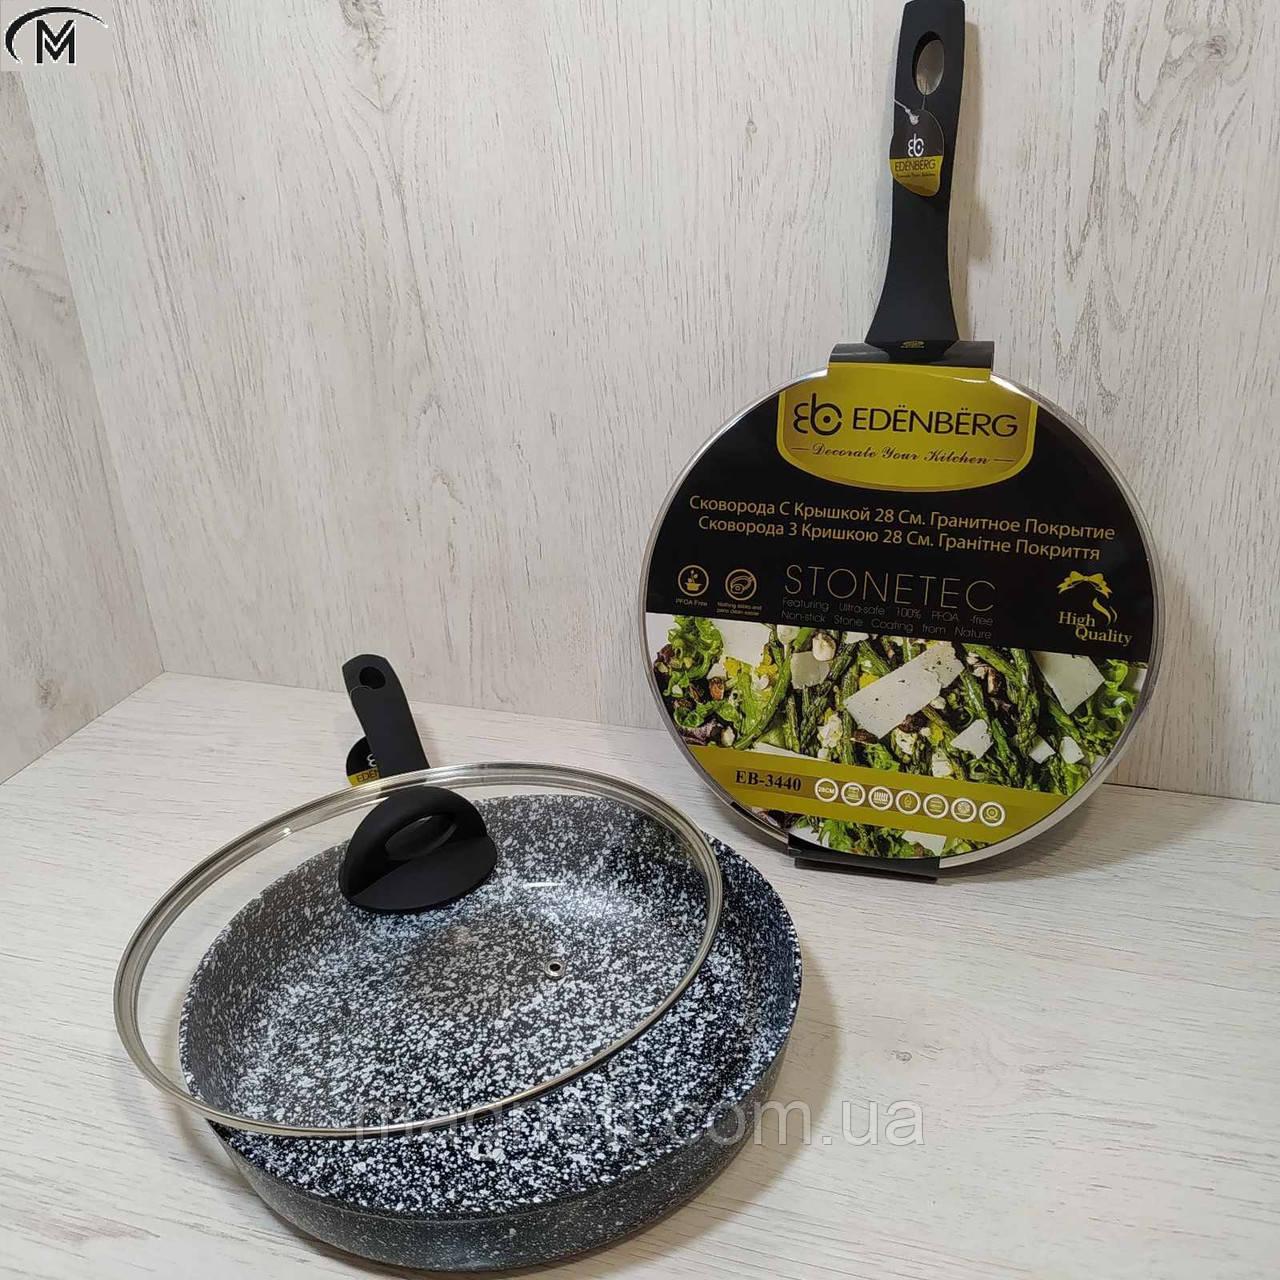 Сковорода з кришкою Edenberg EB-3439 - 26 см з мармуровим покриттям